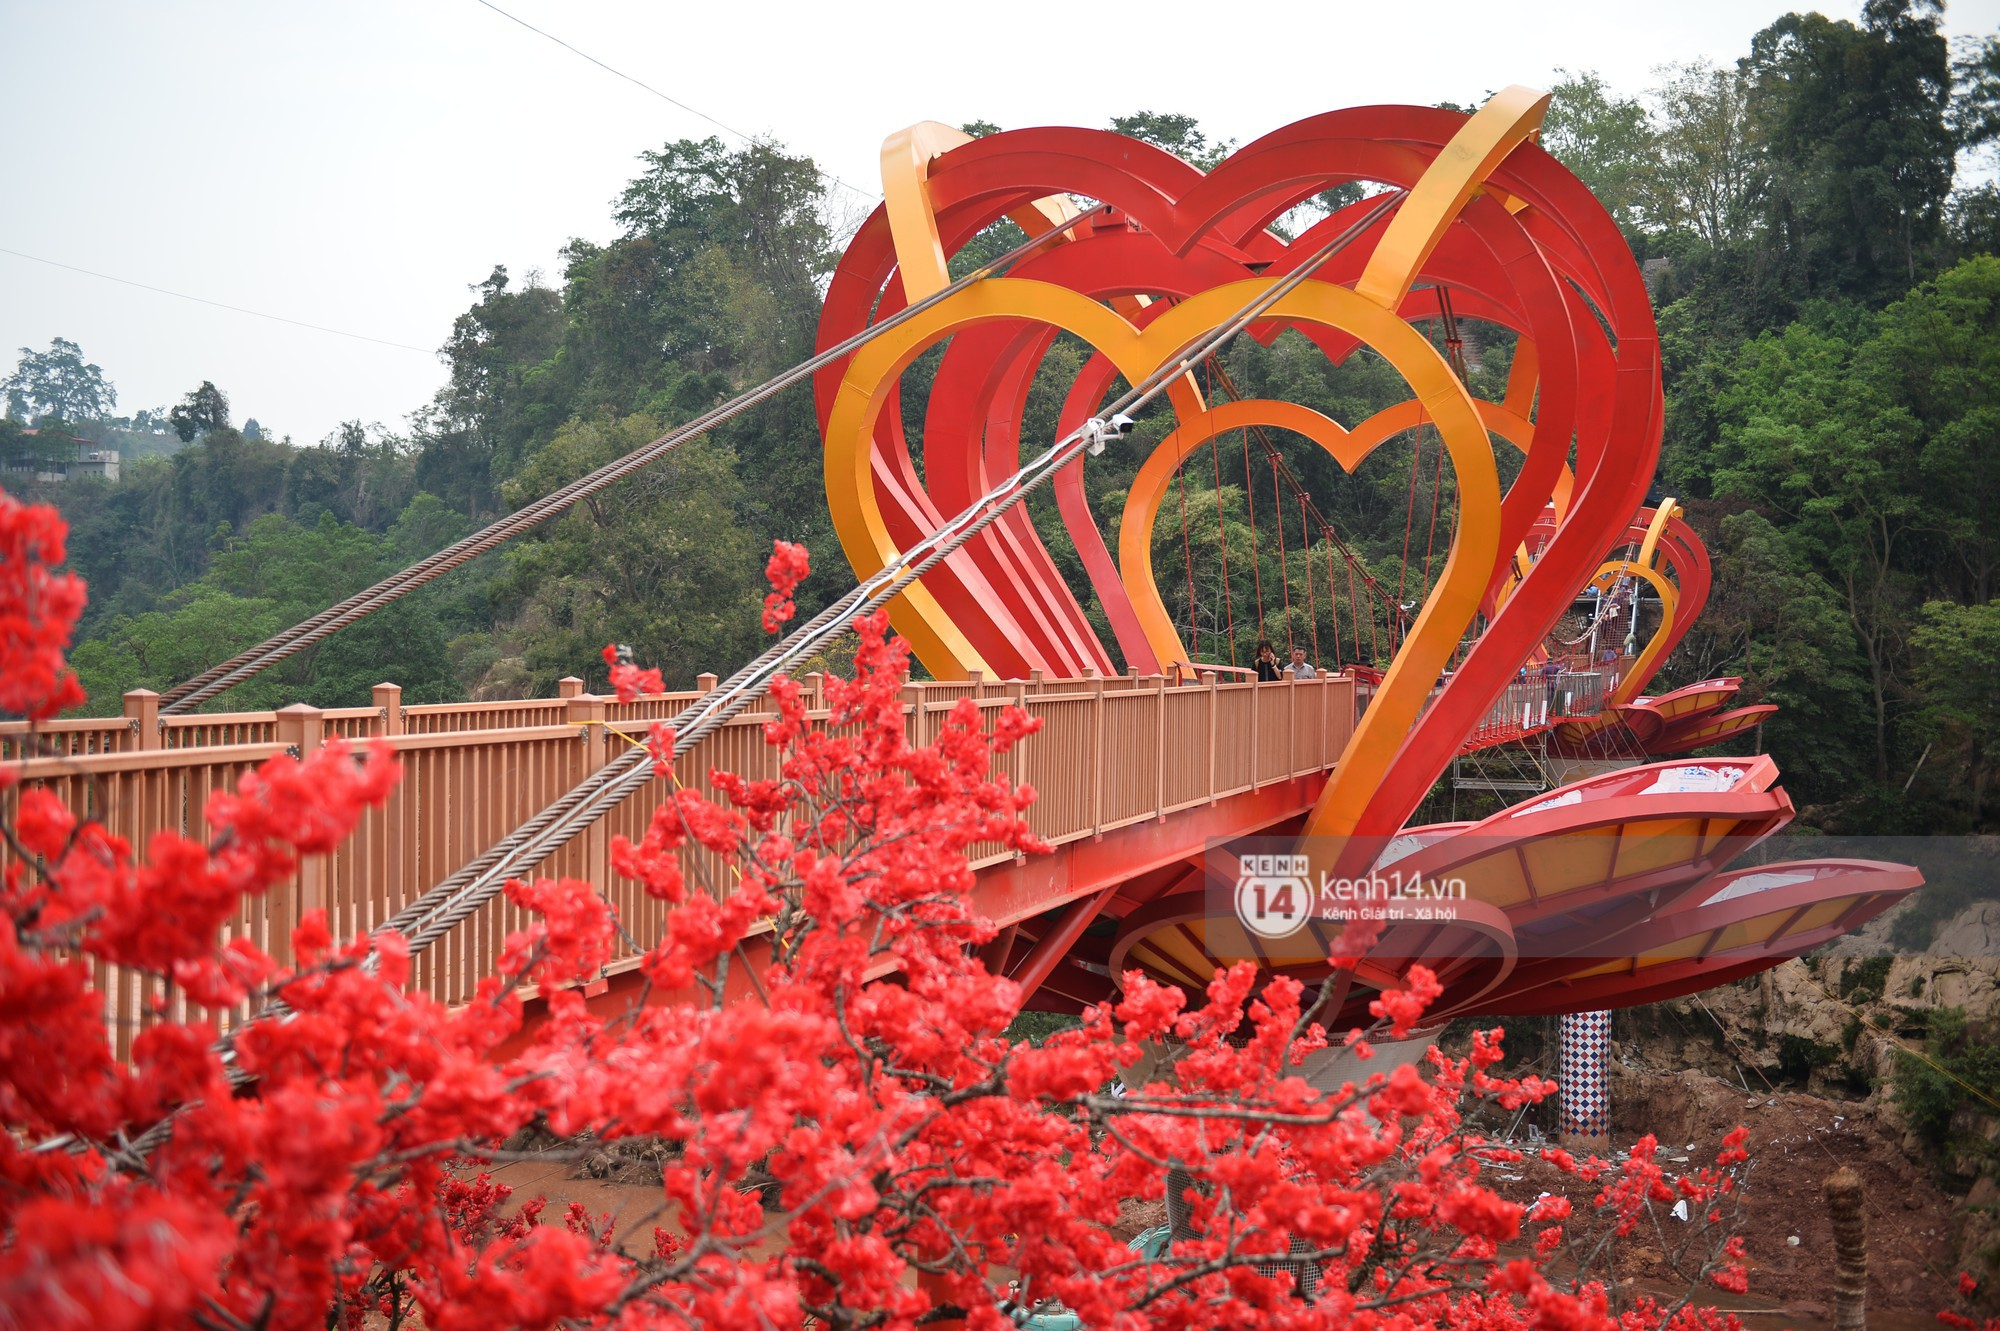 Đây là chiếc cầu kính đầu tiên của Việt Nam và có hiệu ứng led ở trên cầu.